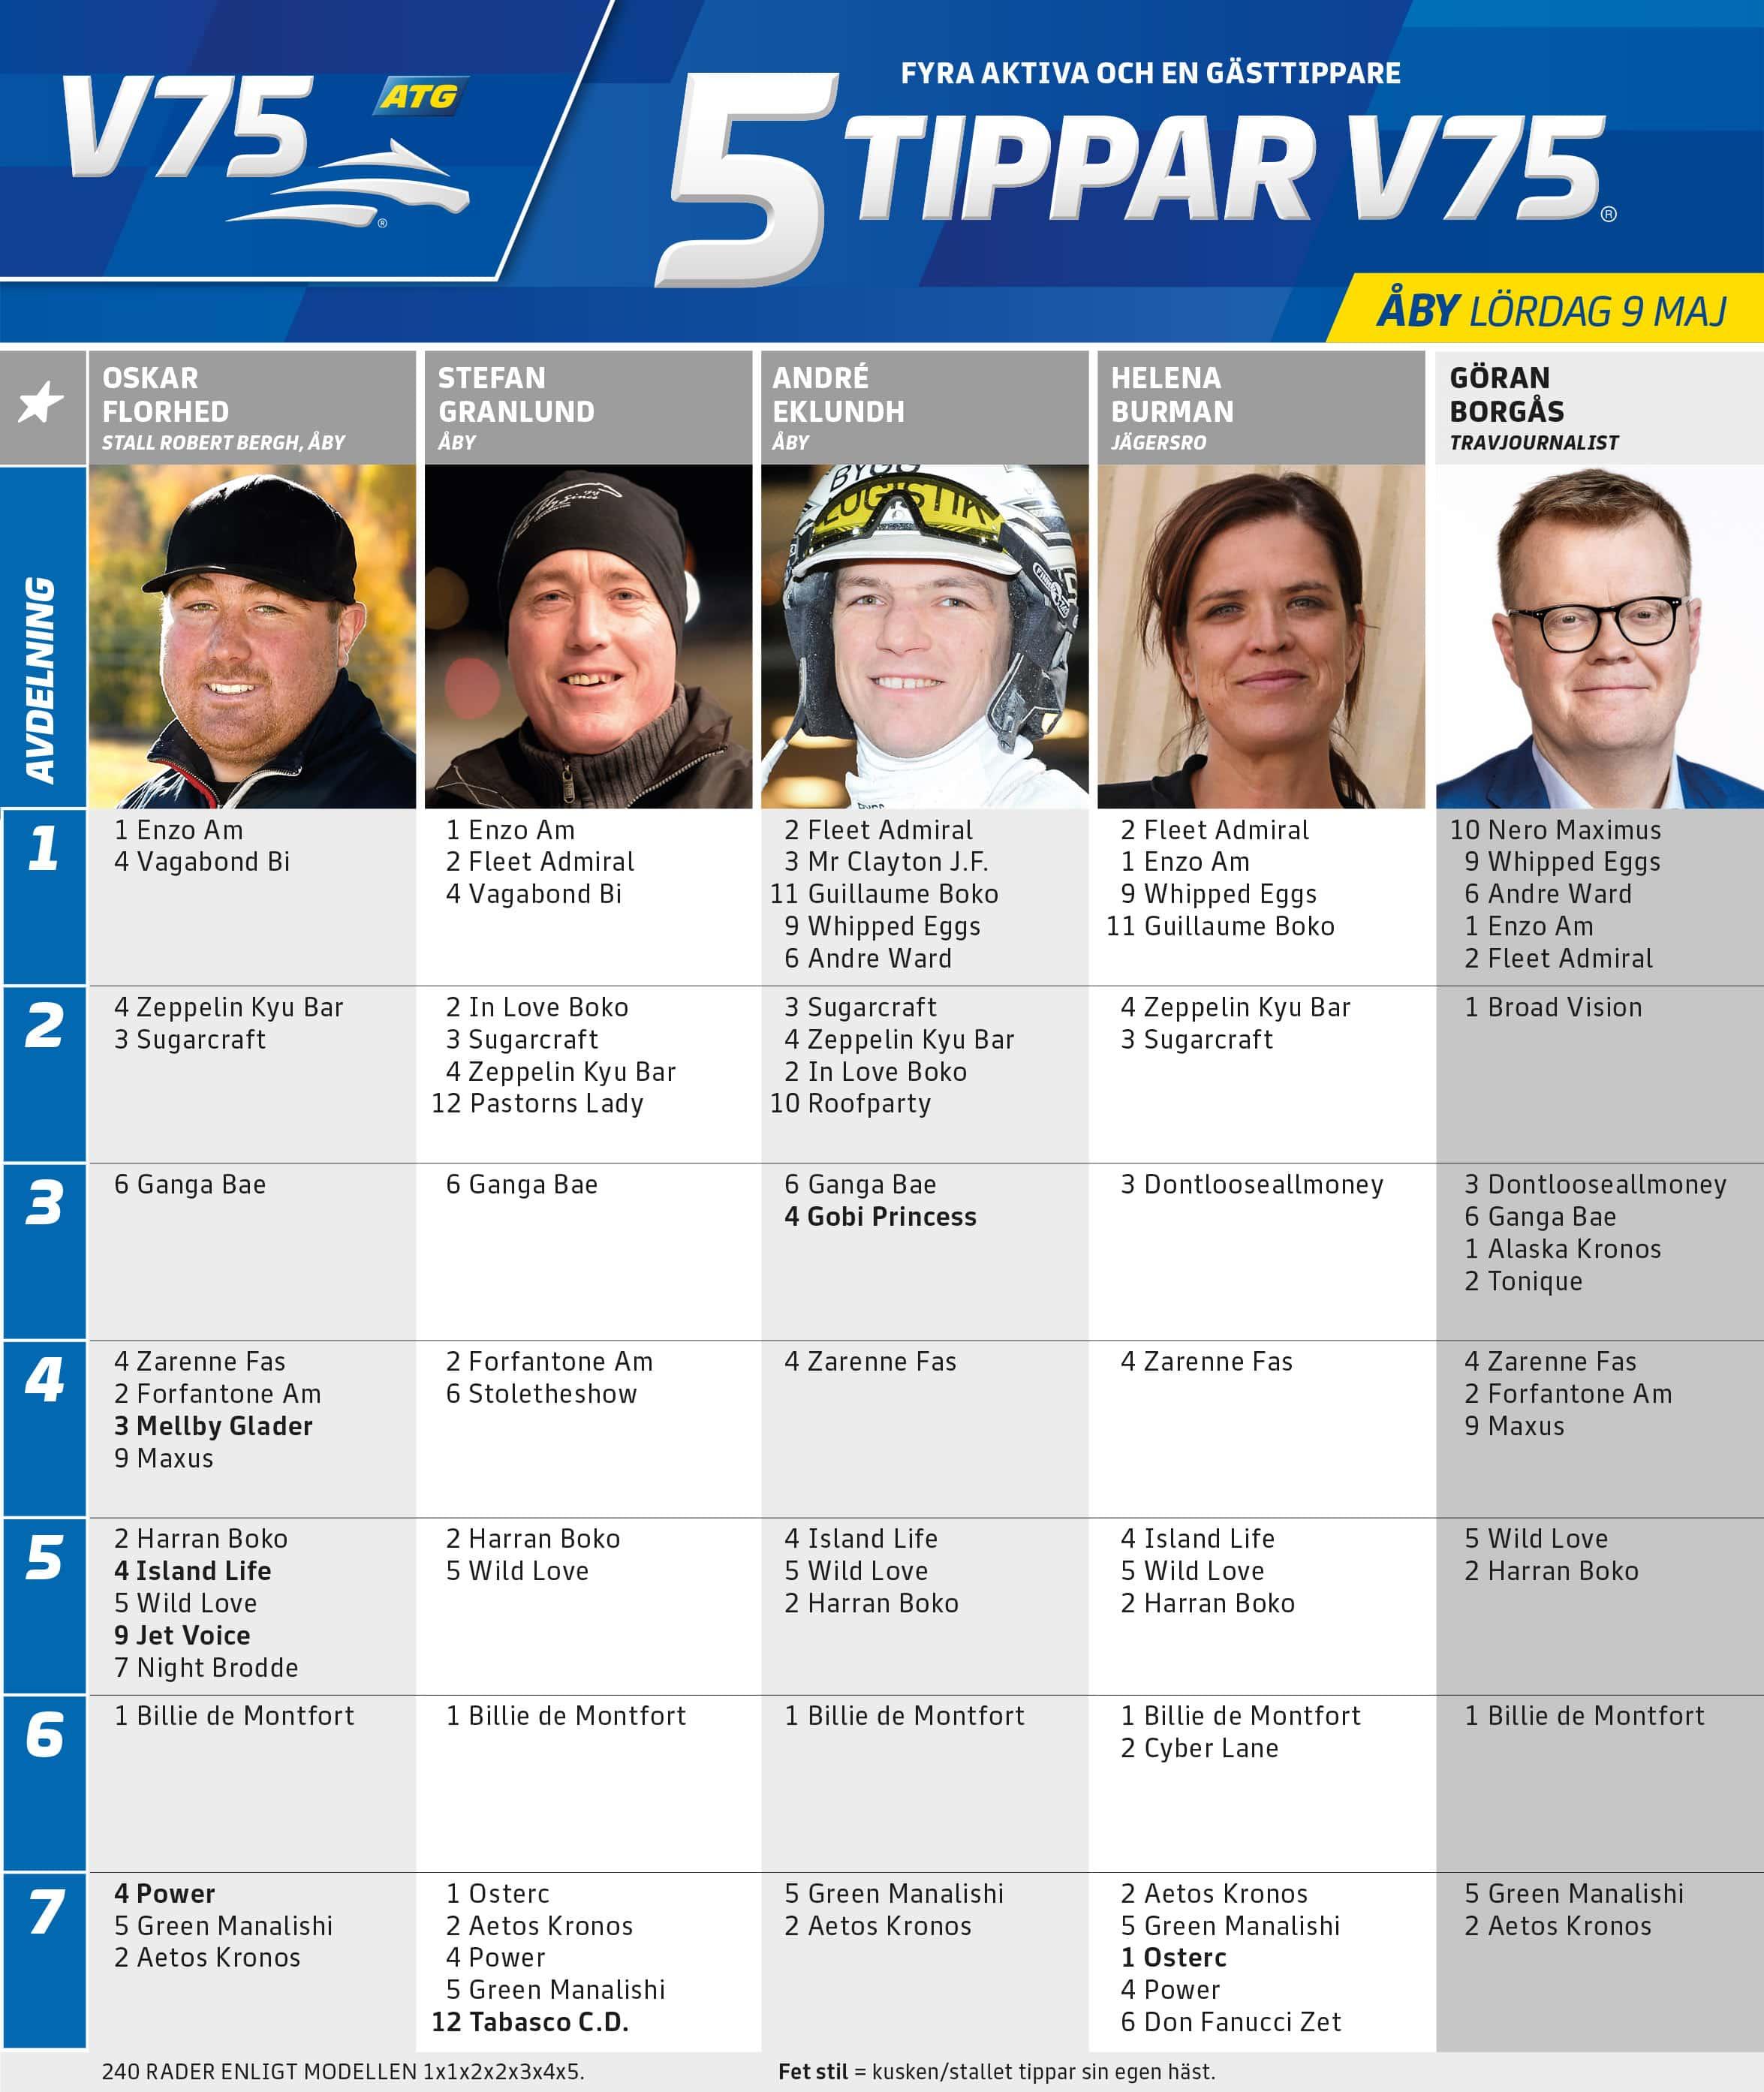 Fem tippar V75 till ÅBY 9 maj 2020